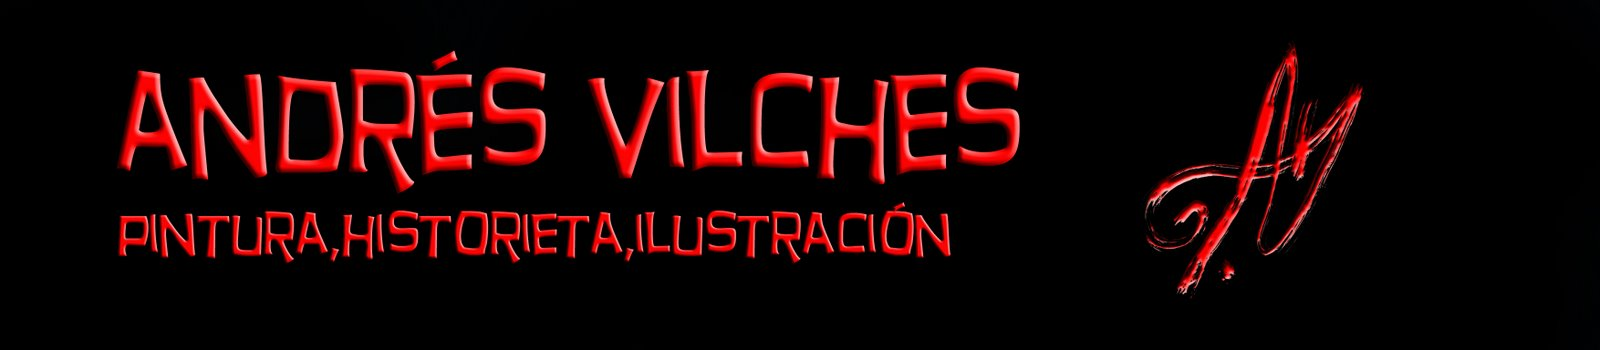 ANDRES VILCHES pintura ilustracion e historieta